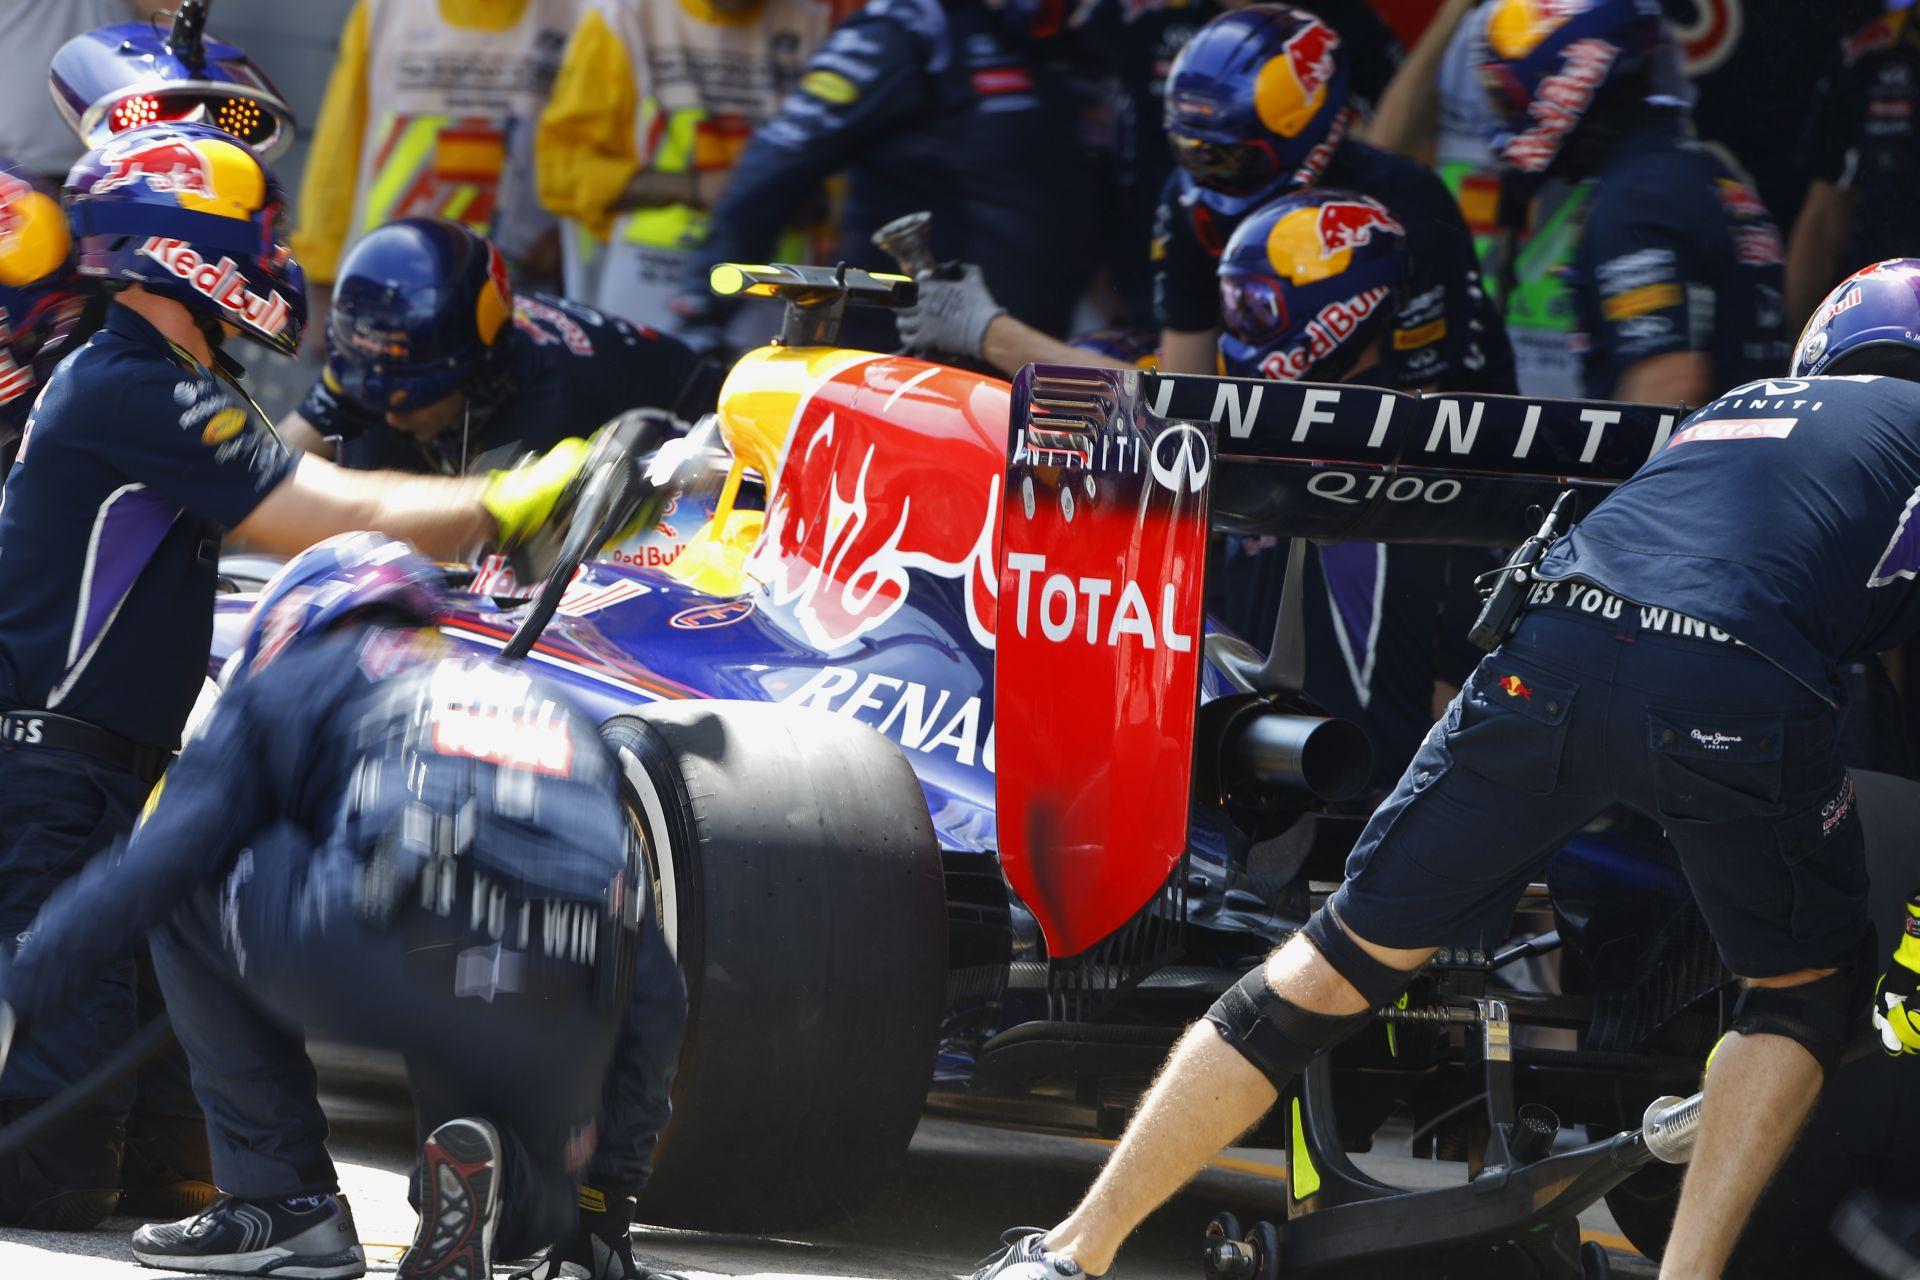 Spanyol Nagydíj 2014: Vettel büntetése után a rajtrács